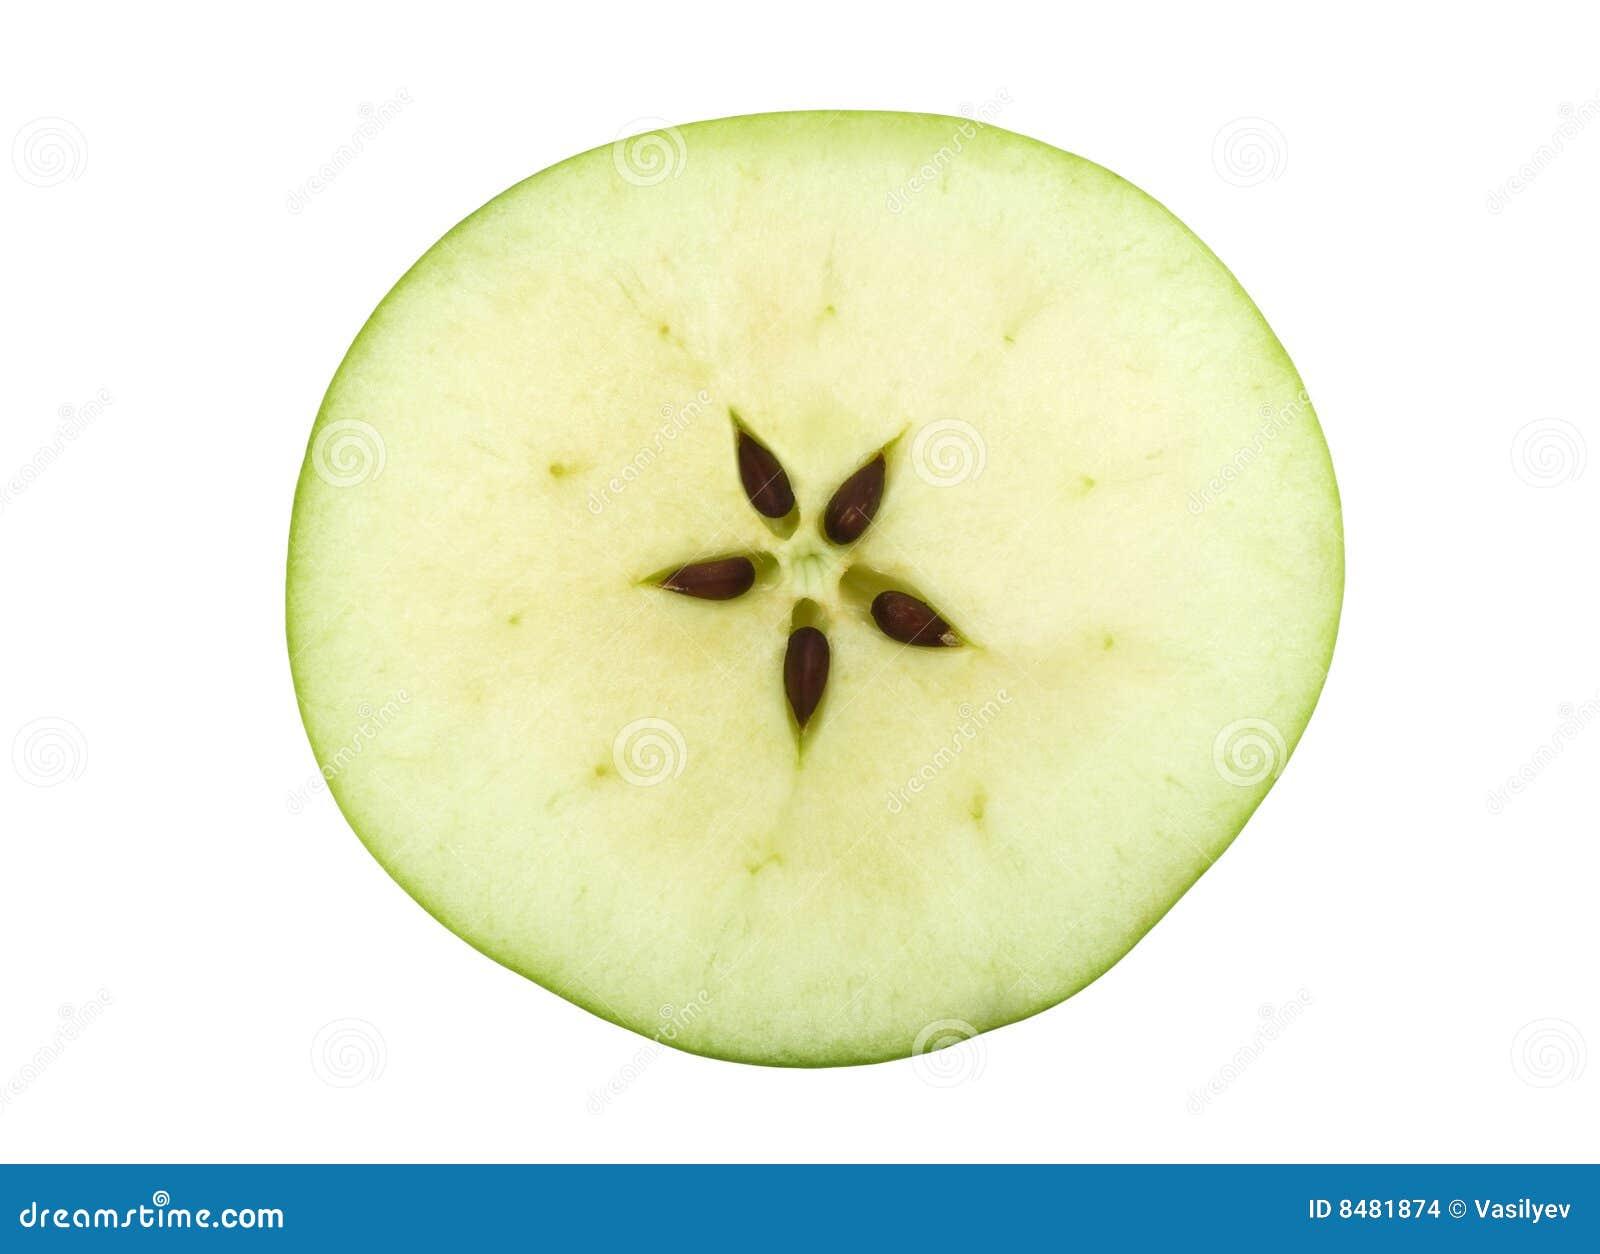 https://thumbs.dreamstime.com/z/de-helft-van-een-groene-appel-met-vijf-zaden-8481874.jpg